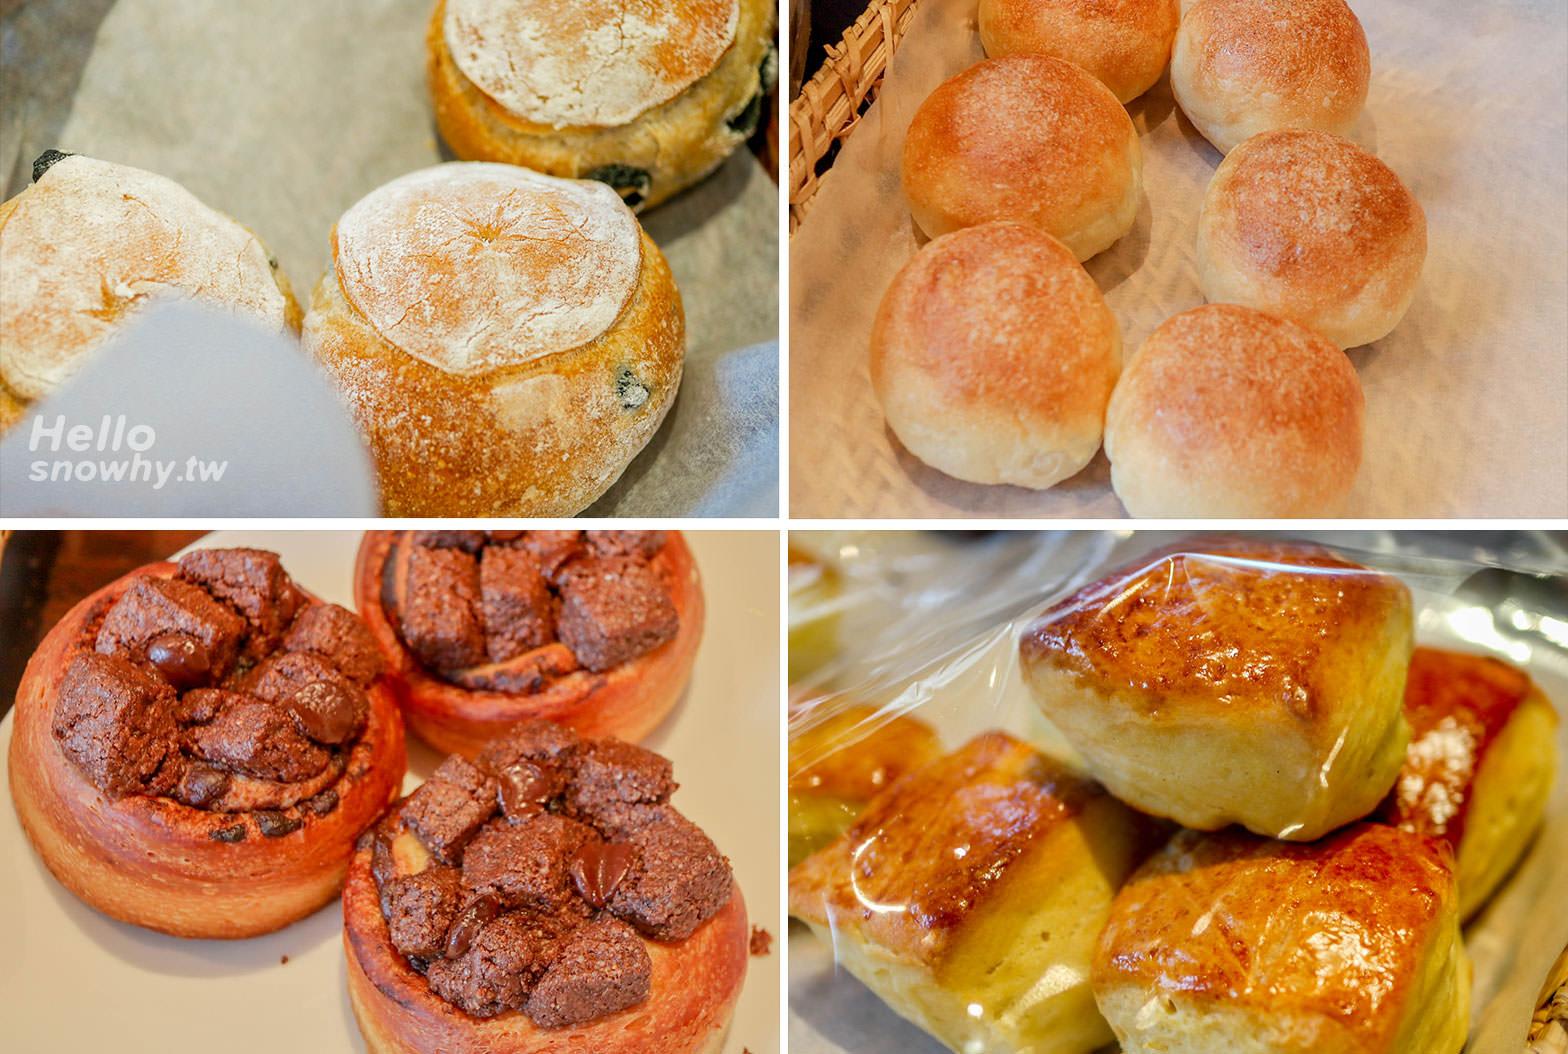 板橋美食,FlourishBakery花咲,現做麵包,IG熱門打卡麵包店,板橋早午餐,板橋